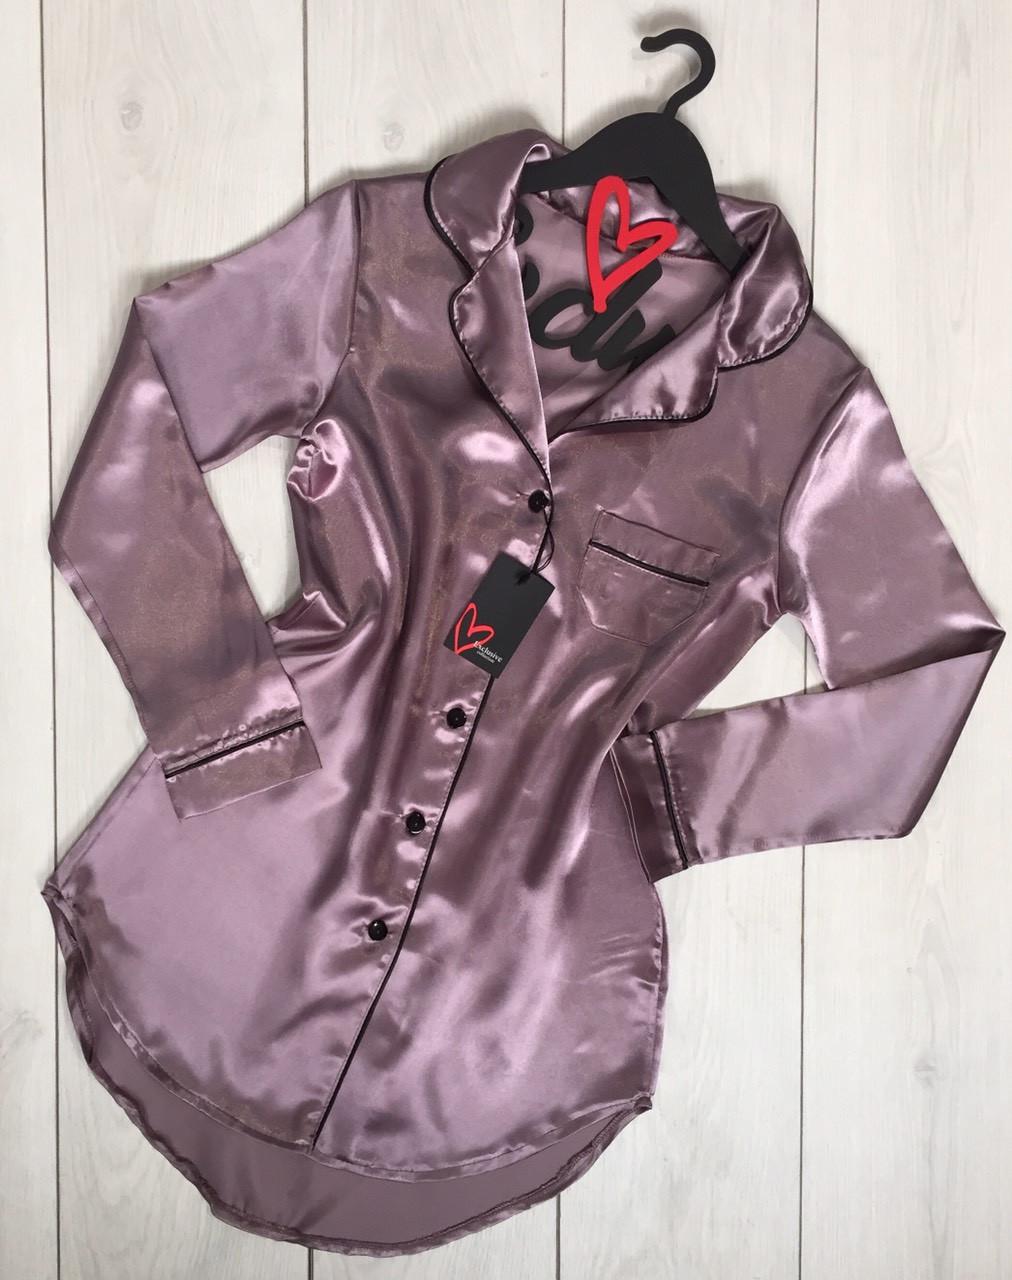 Женская одежда для дома и снаТМExclusive, атласное платье Good Night.